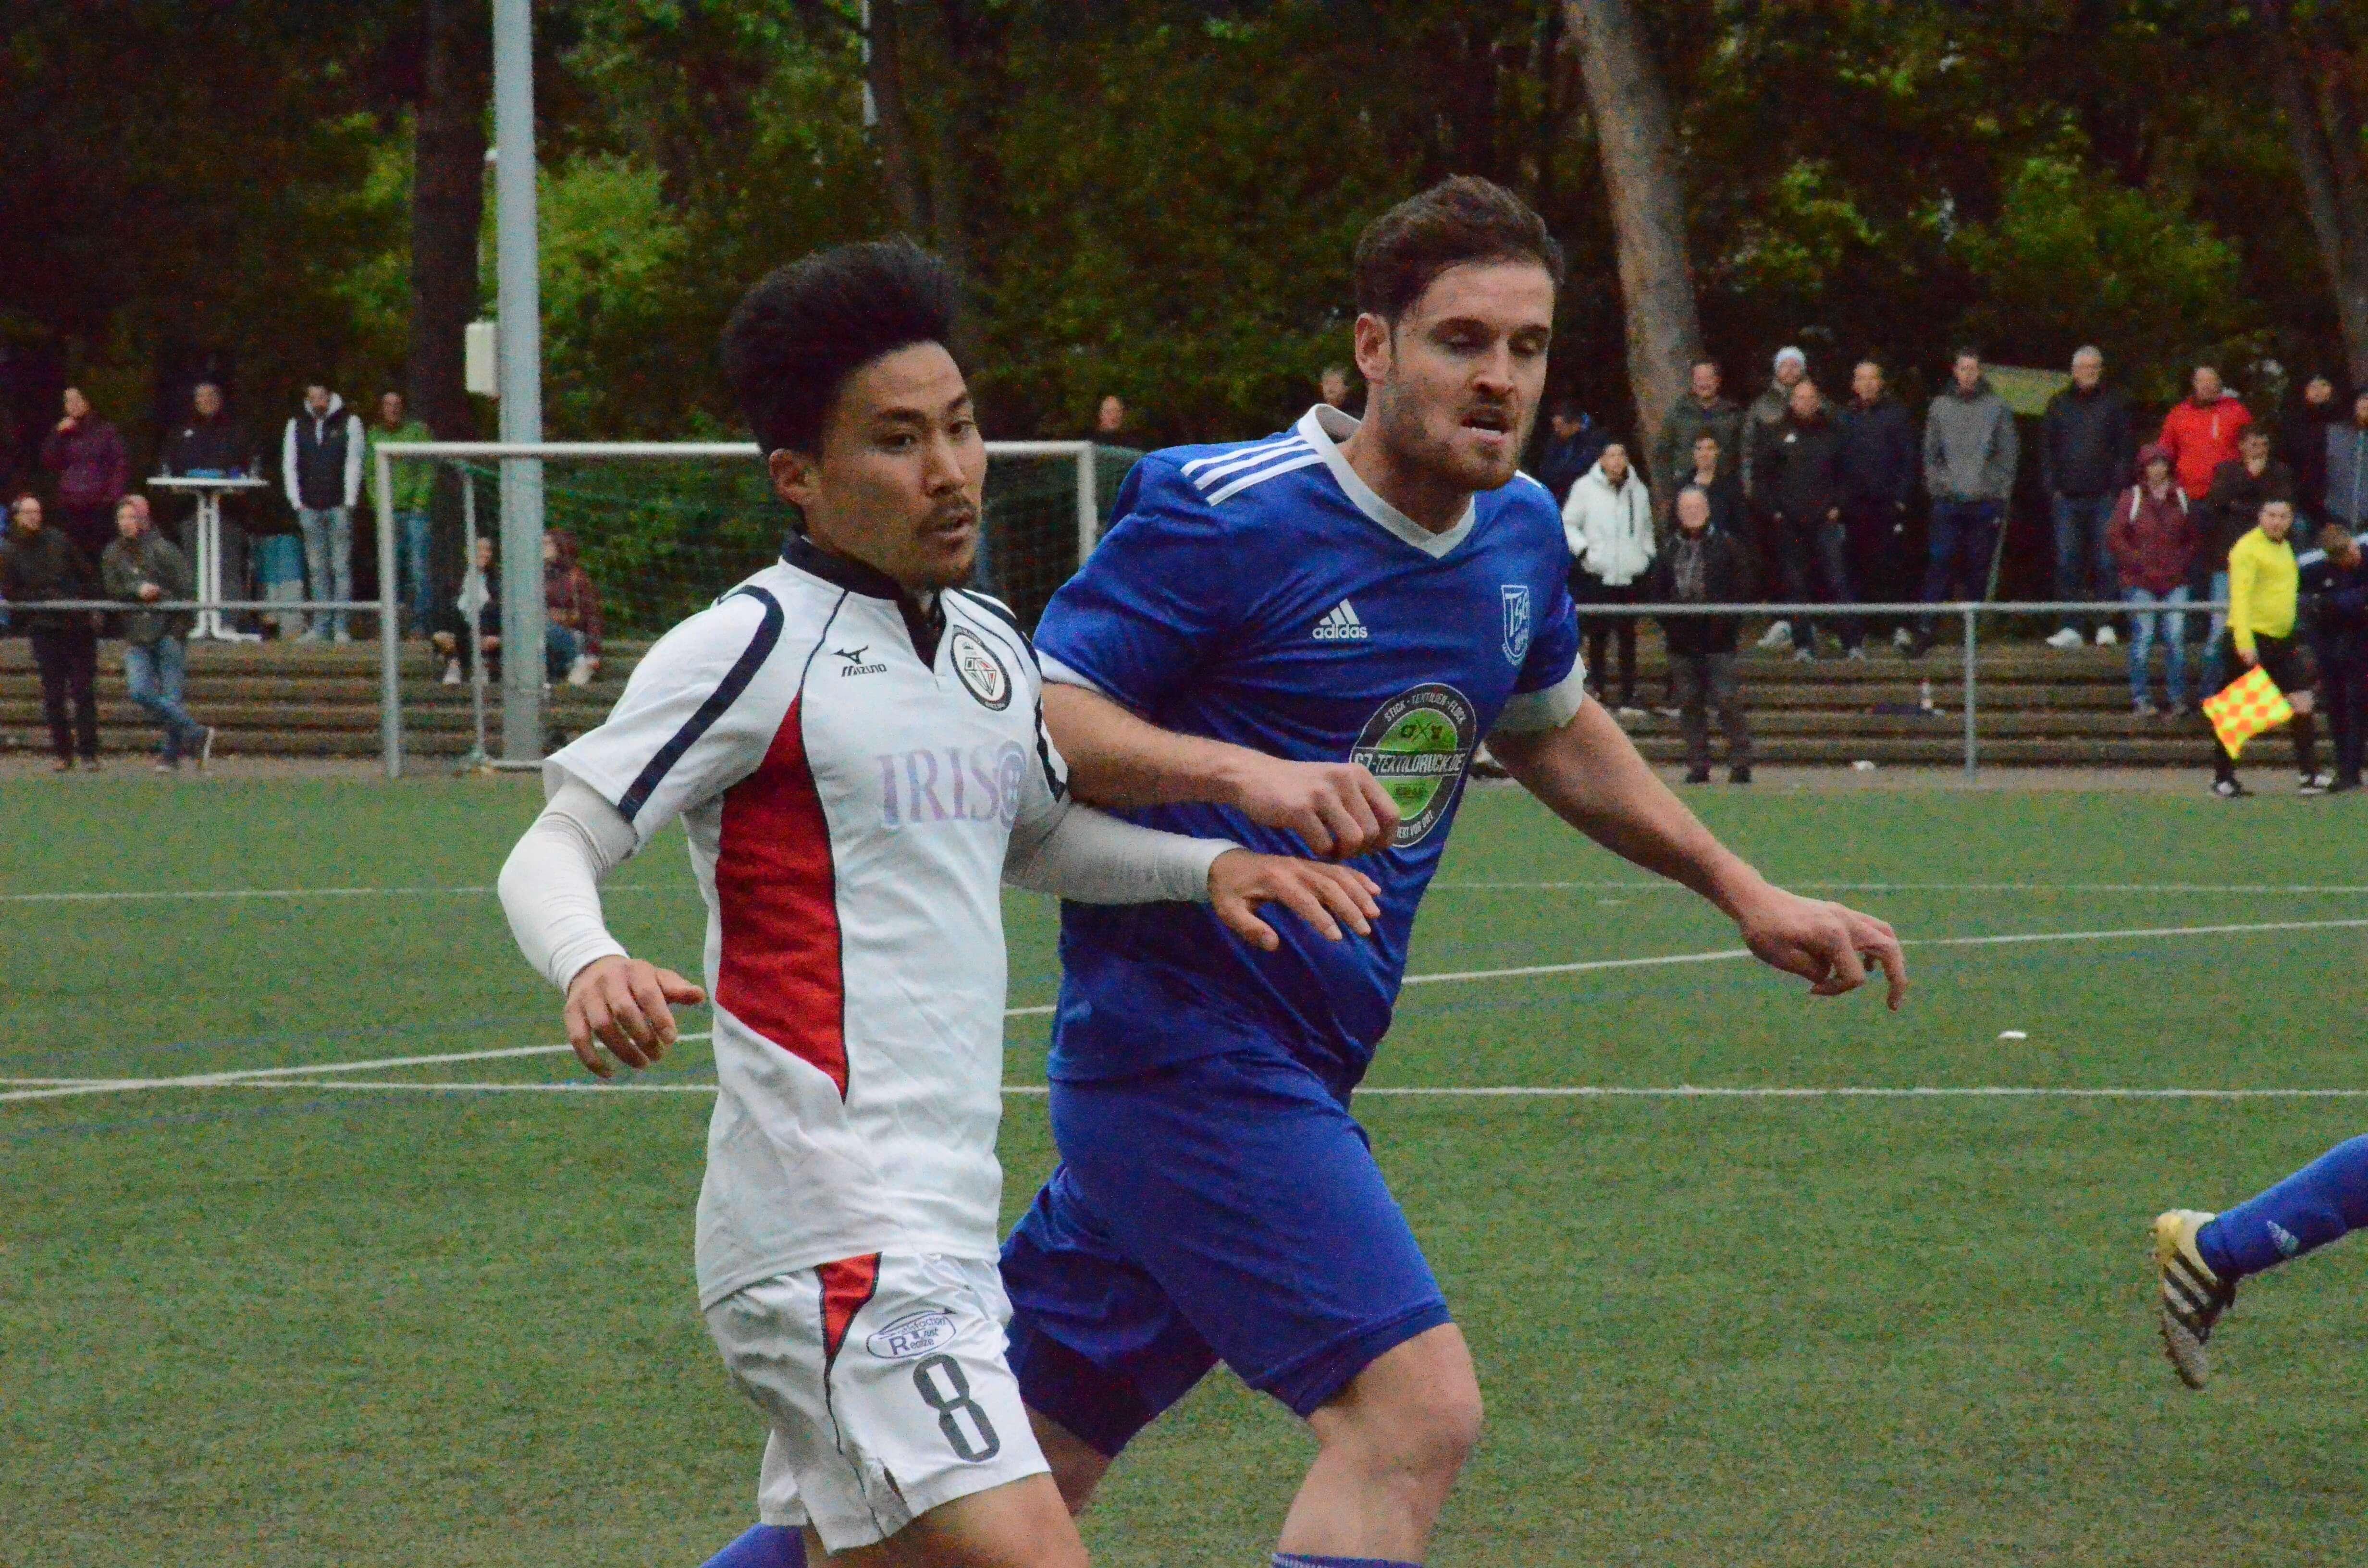 【トップチーム】第27節 vs TSG 1846 Bretzenheim 試合記録